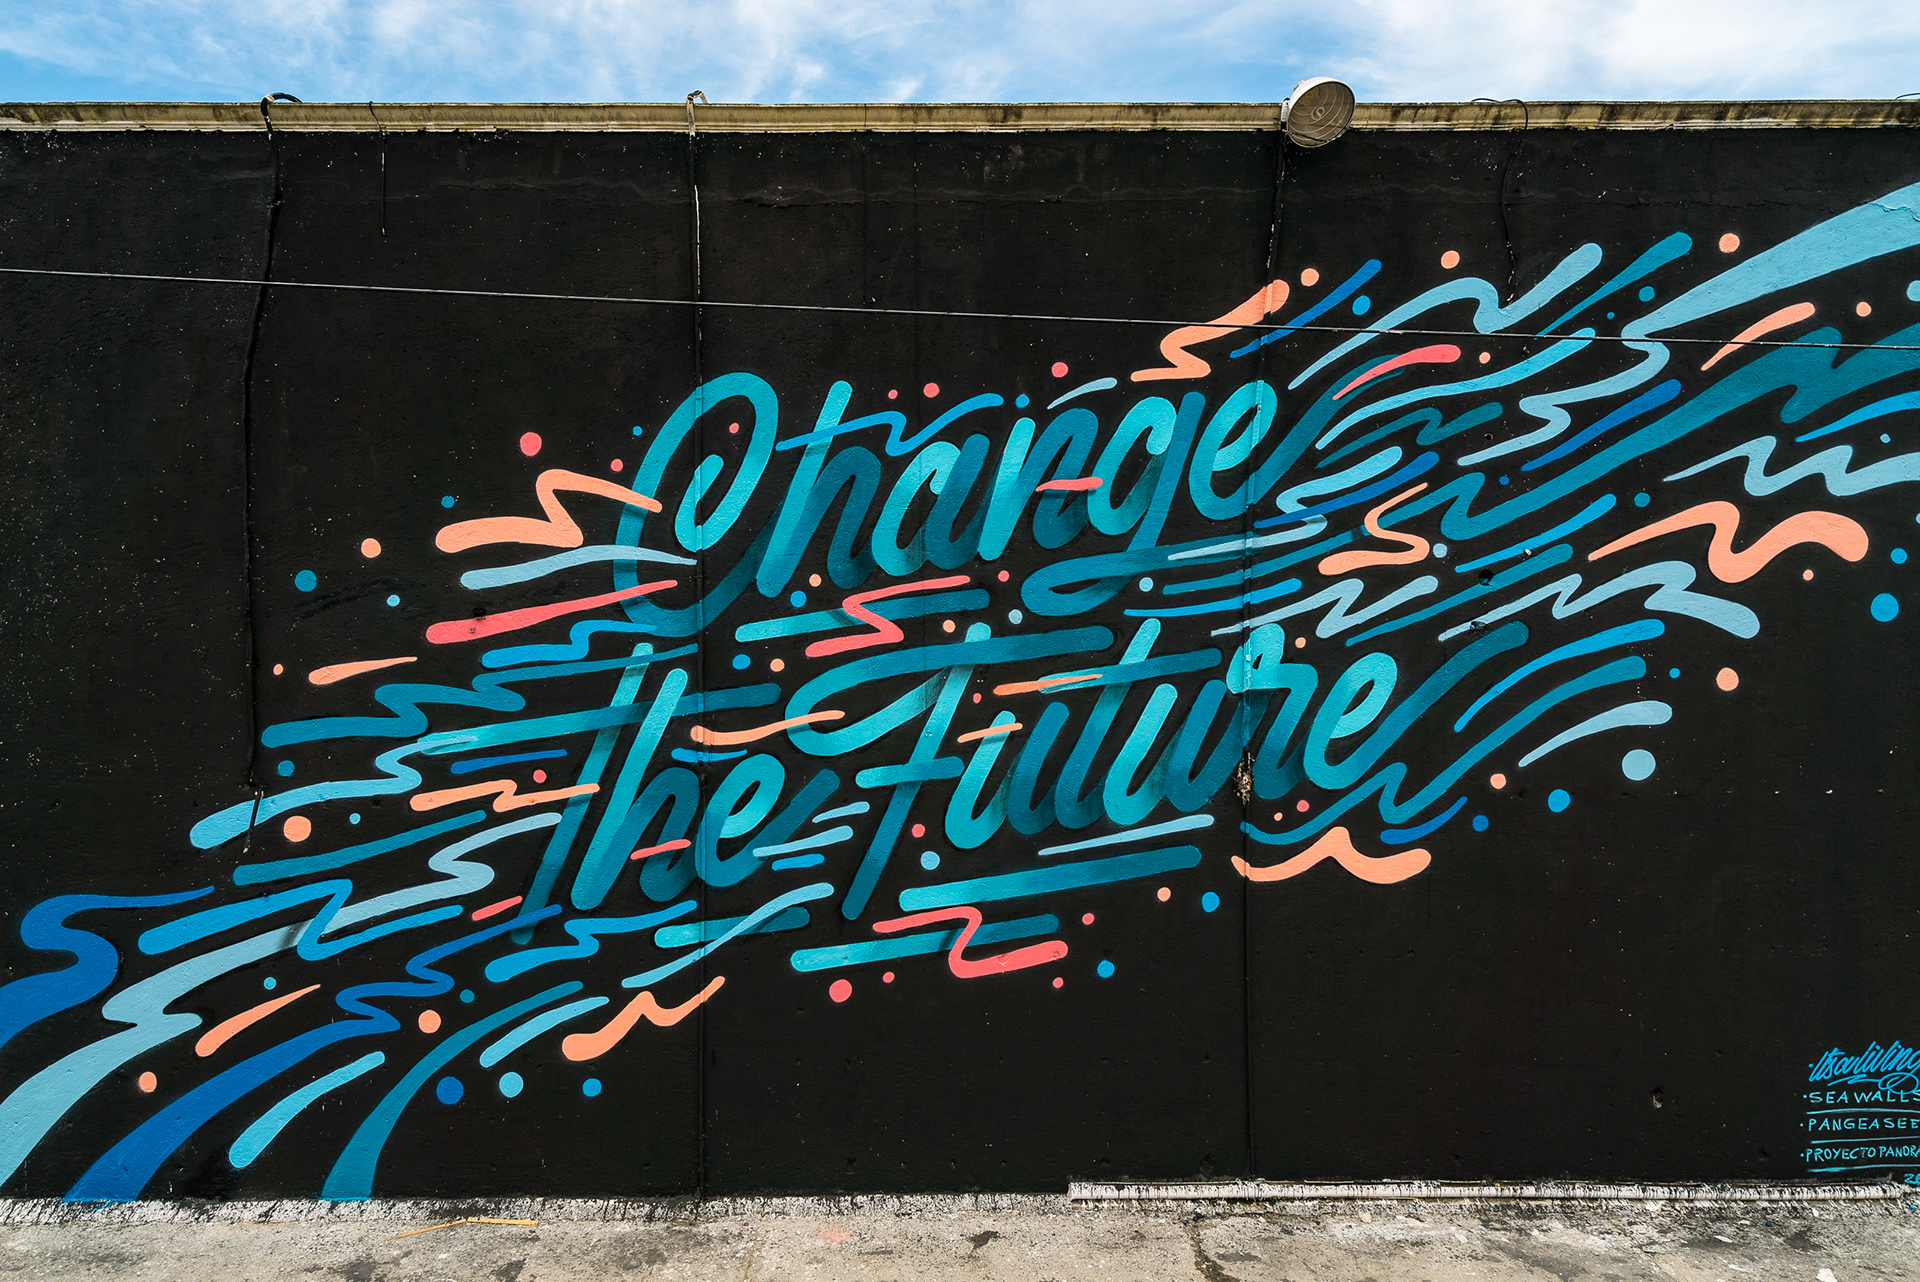 Street Art & Illustration: Seawalls Mural